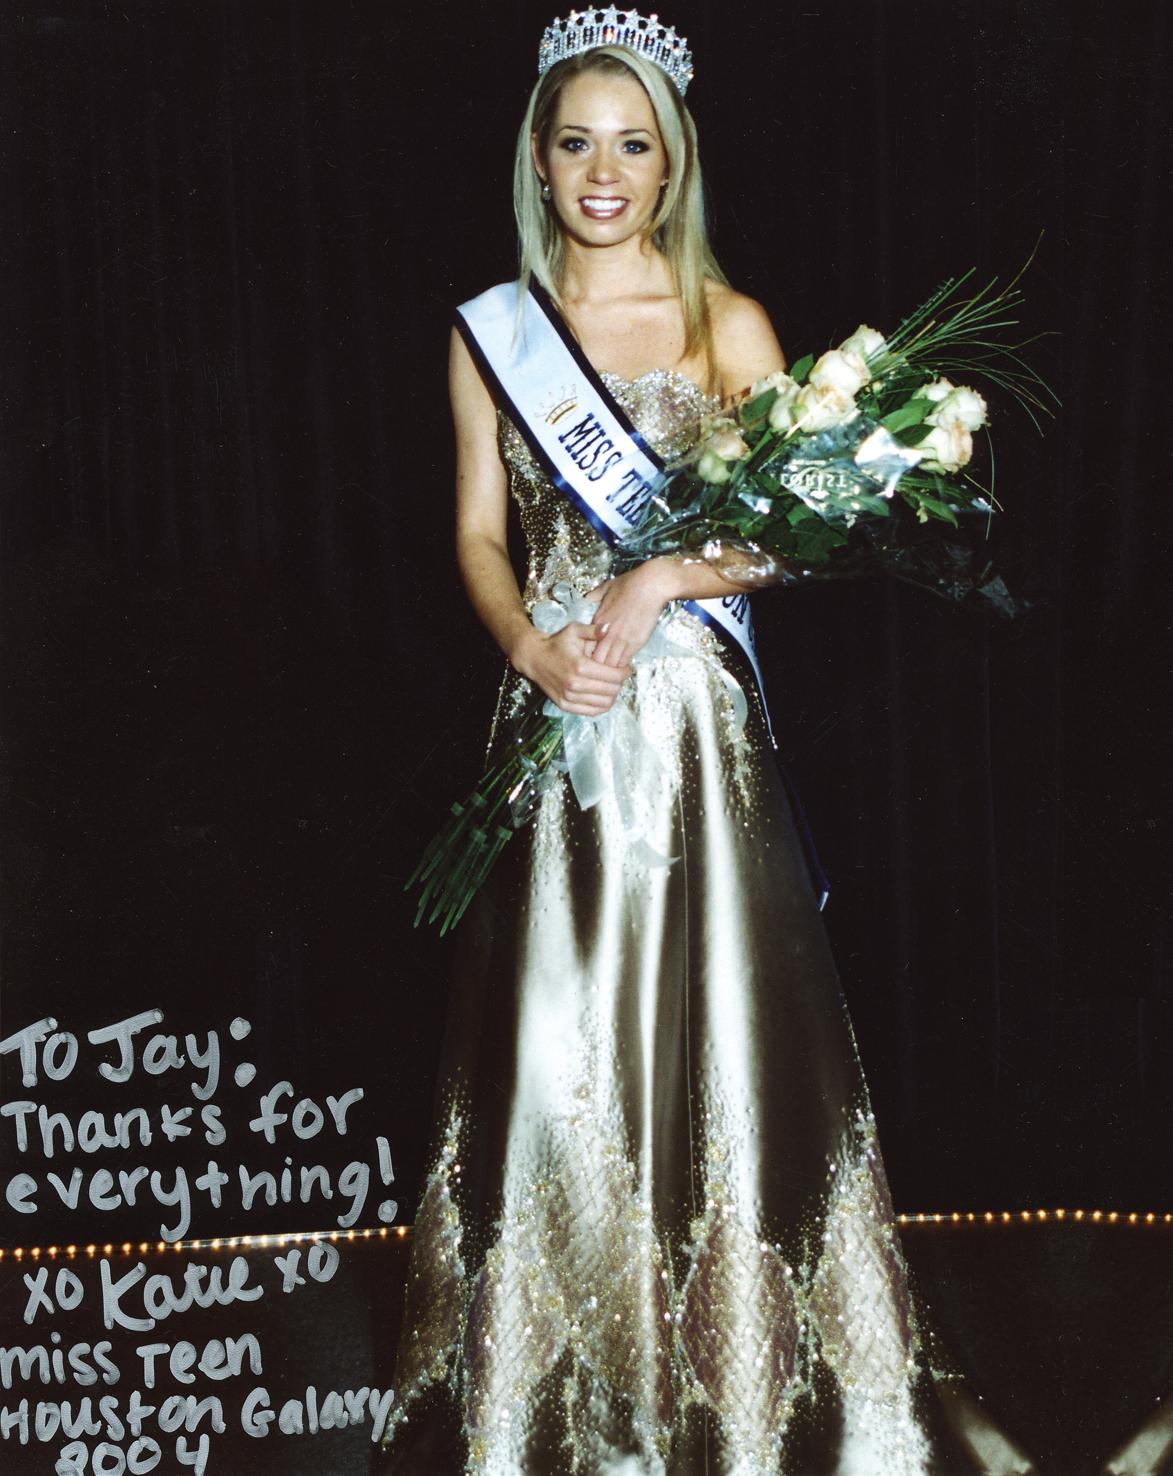 Miss Teen Houston S Galaxy 14